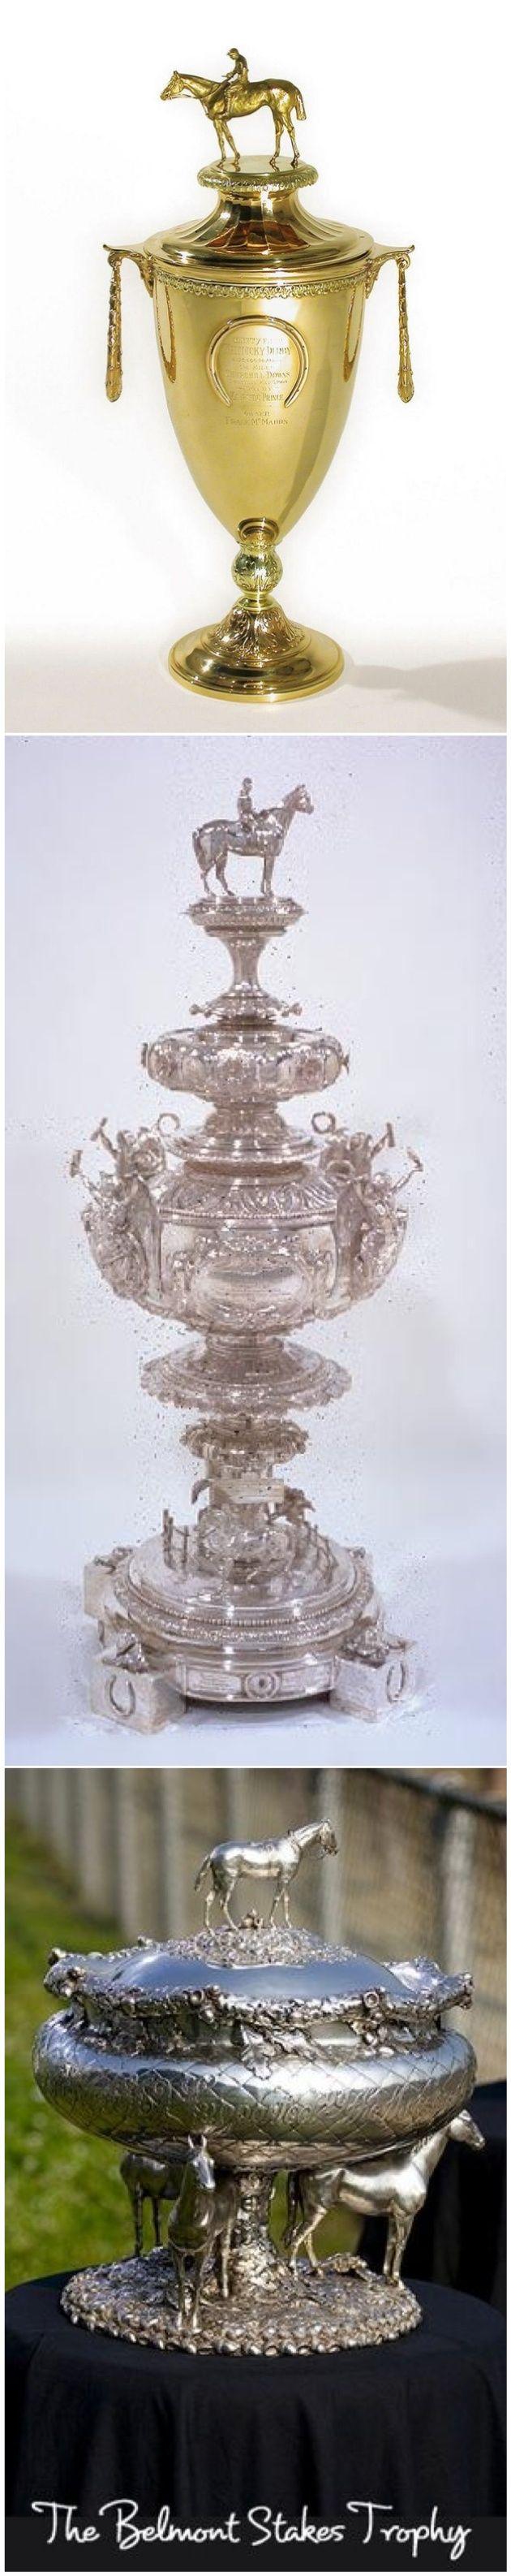 555 best Elusive Triple Crown images on Pinterest | Race horses ...